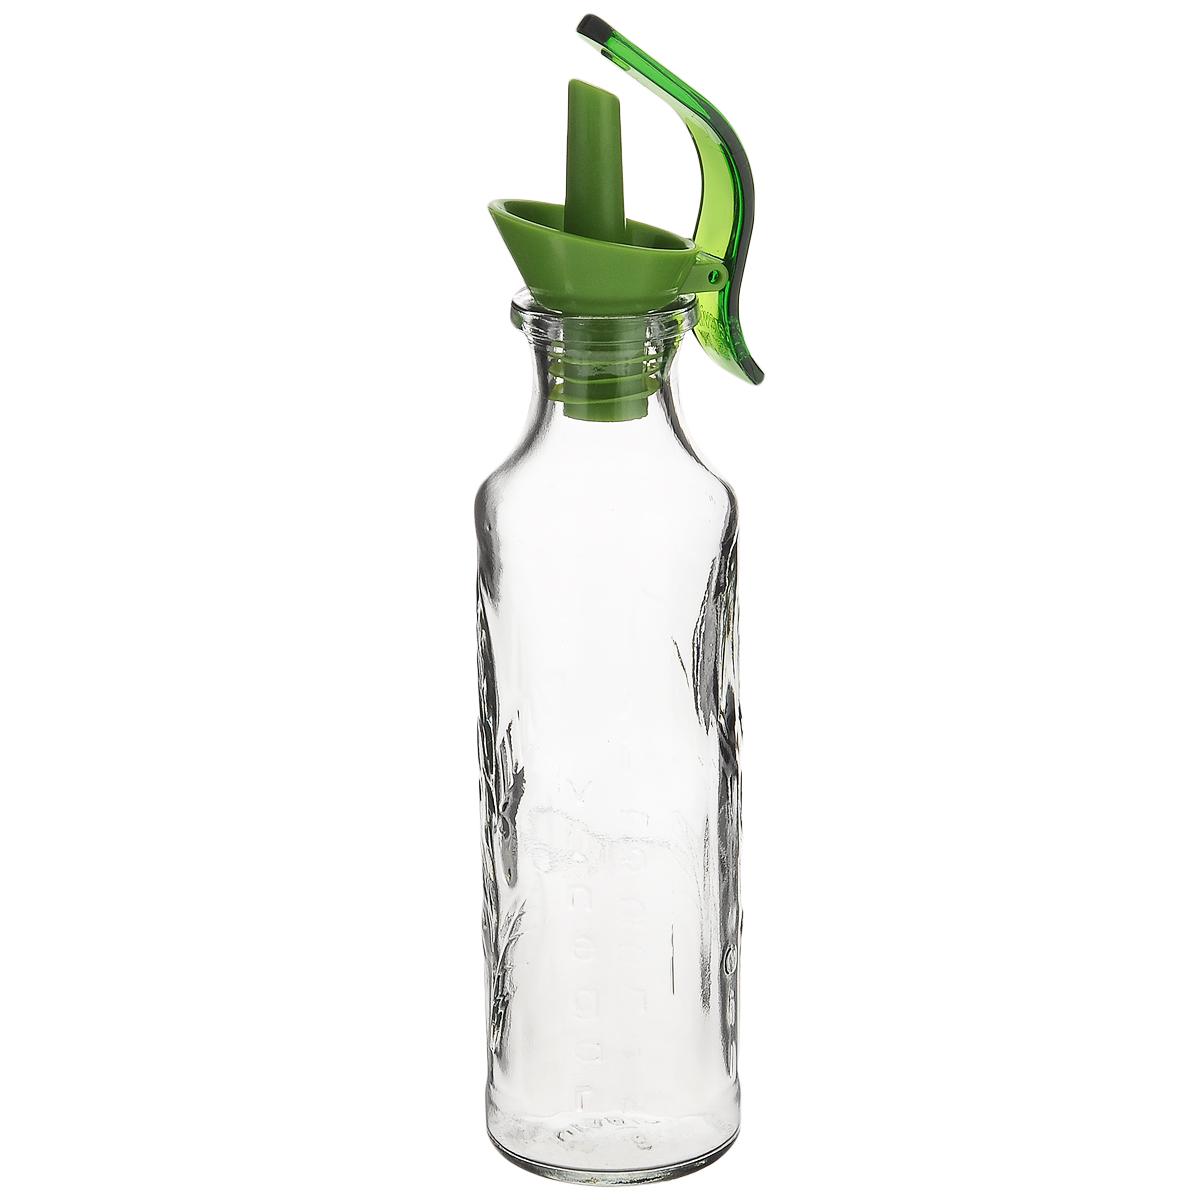 Емкость для масла Herevin, с дозатором, цвет: прозрачный, зеленый, 200 мл155175-000_зеленая крышкаЕмкость Herevin, выполненная из стекла, позволит украсить любую кухню, внеся разнообразие, как в строгий классический стиль, так и в современный кухонный интерьер. Она легка в использовании, стоит только перевернуть ее, и вы с легкостью сможете добавить оливковое, подсолнечное масло, уксус или соус. Емкость оснащена пластиковой пробкой с дозатором. Цветная пробка оснащена откидным механизмом. Оригинальная емкость для масла и уксуса будет отлично смотреться на вашей кухне. Объем: 200 мл. Диаметр (по верхнему краю): 2 см. Диаметр основания: 5 см. Высота емкости (без учета крышки): 17 см.